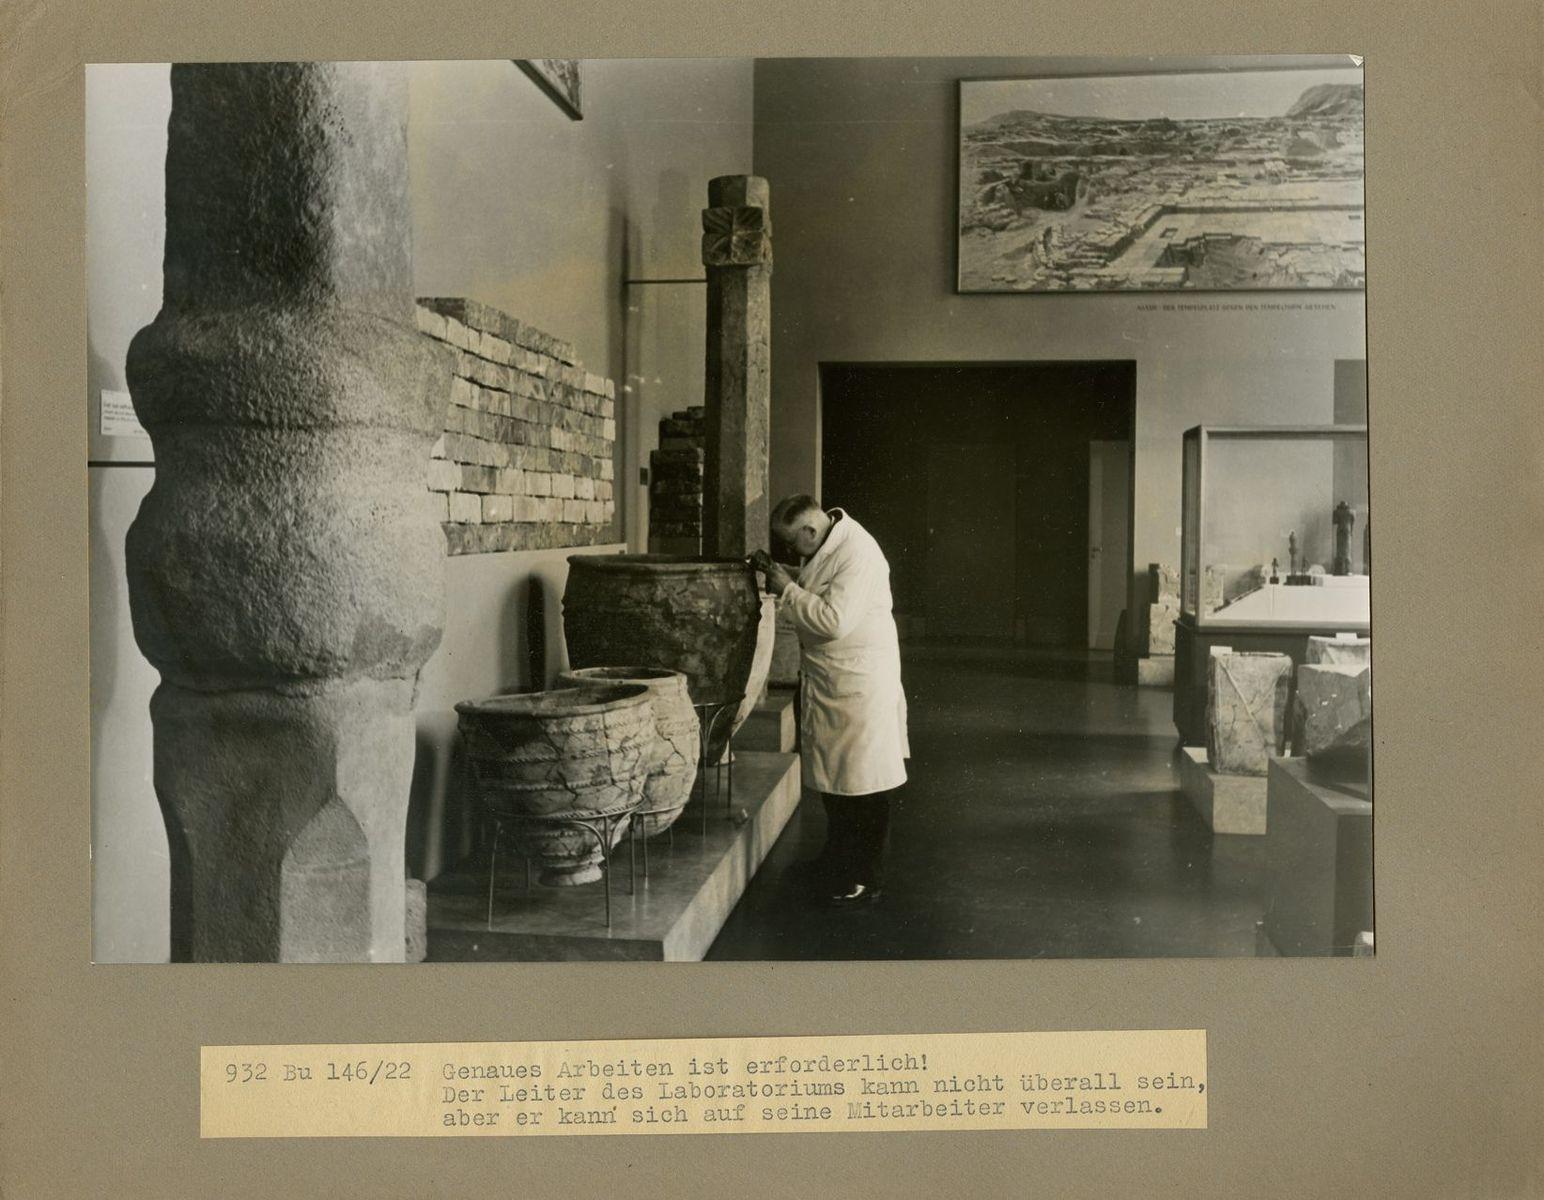 """""""Genaues Arbeiten ist erforderlich! Der Leiter des Laboratoriums kann nicht überall sein, aber er kann sich auf seine Mitarbeiter verlassen.""""  (c) Staatliche Museen zu Berlin, Rathgen-Forschungslabor"""